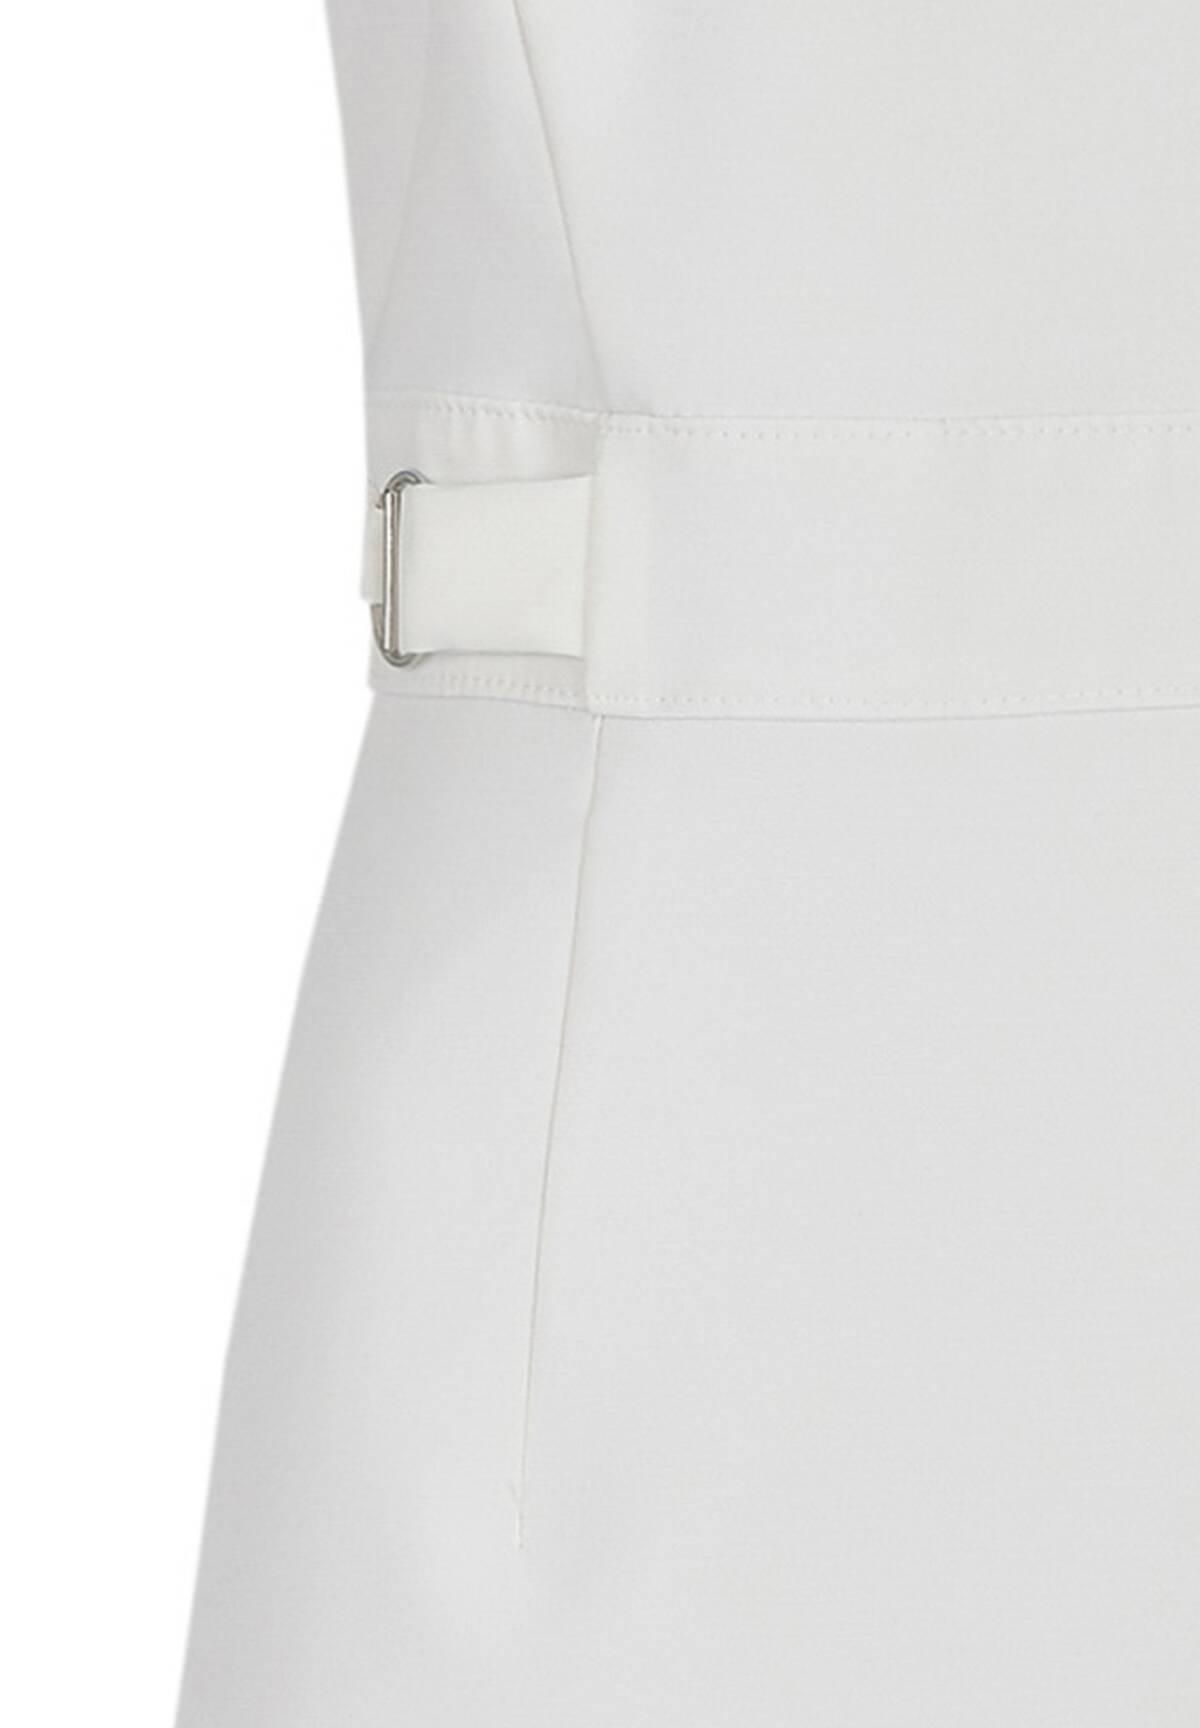 Elegantes Kleid mit modischen Details / Dress